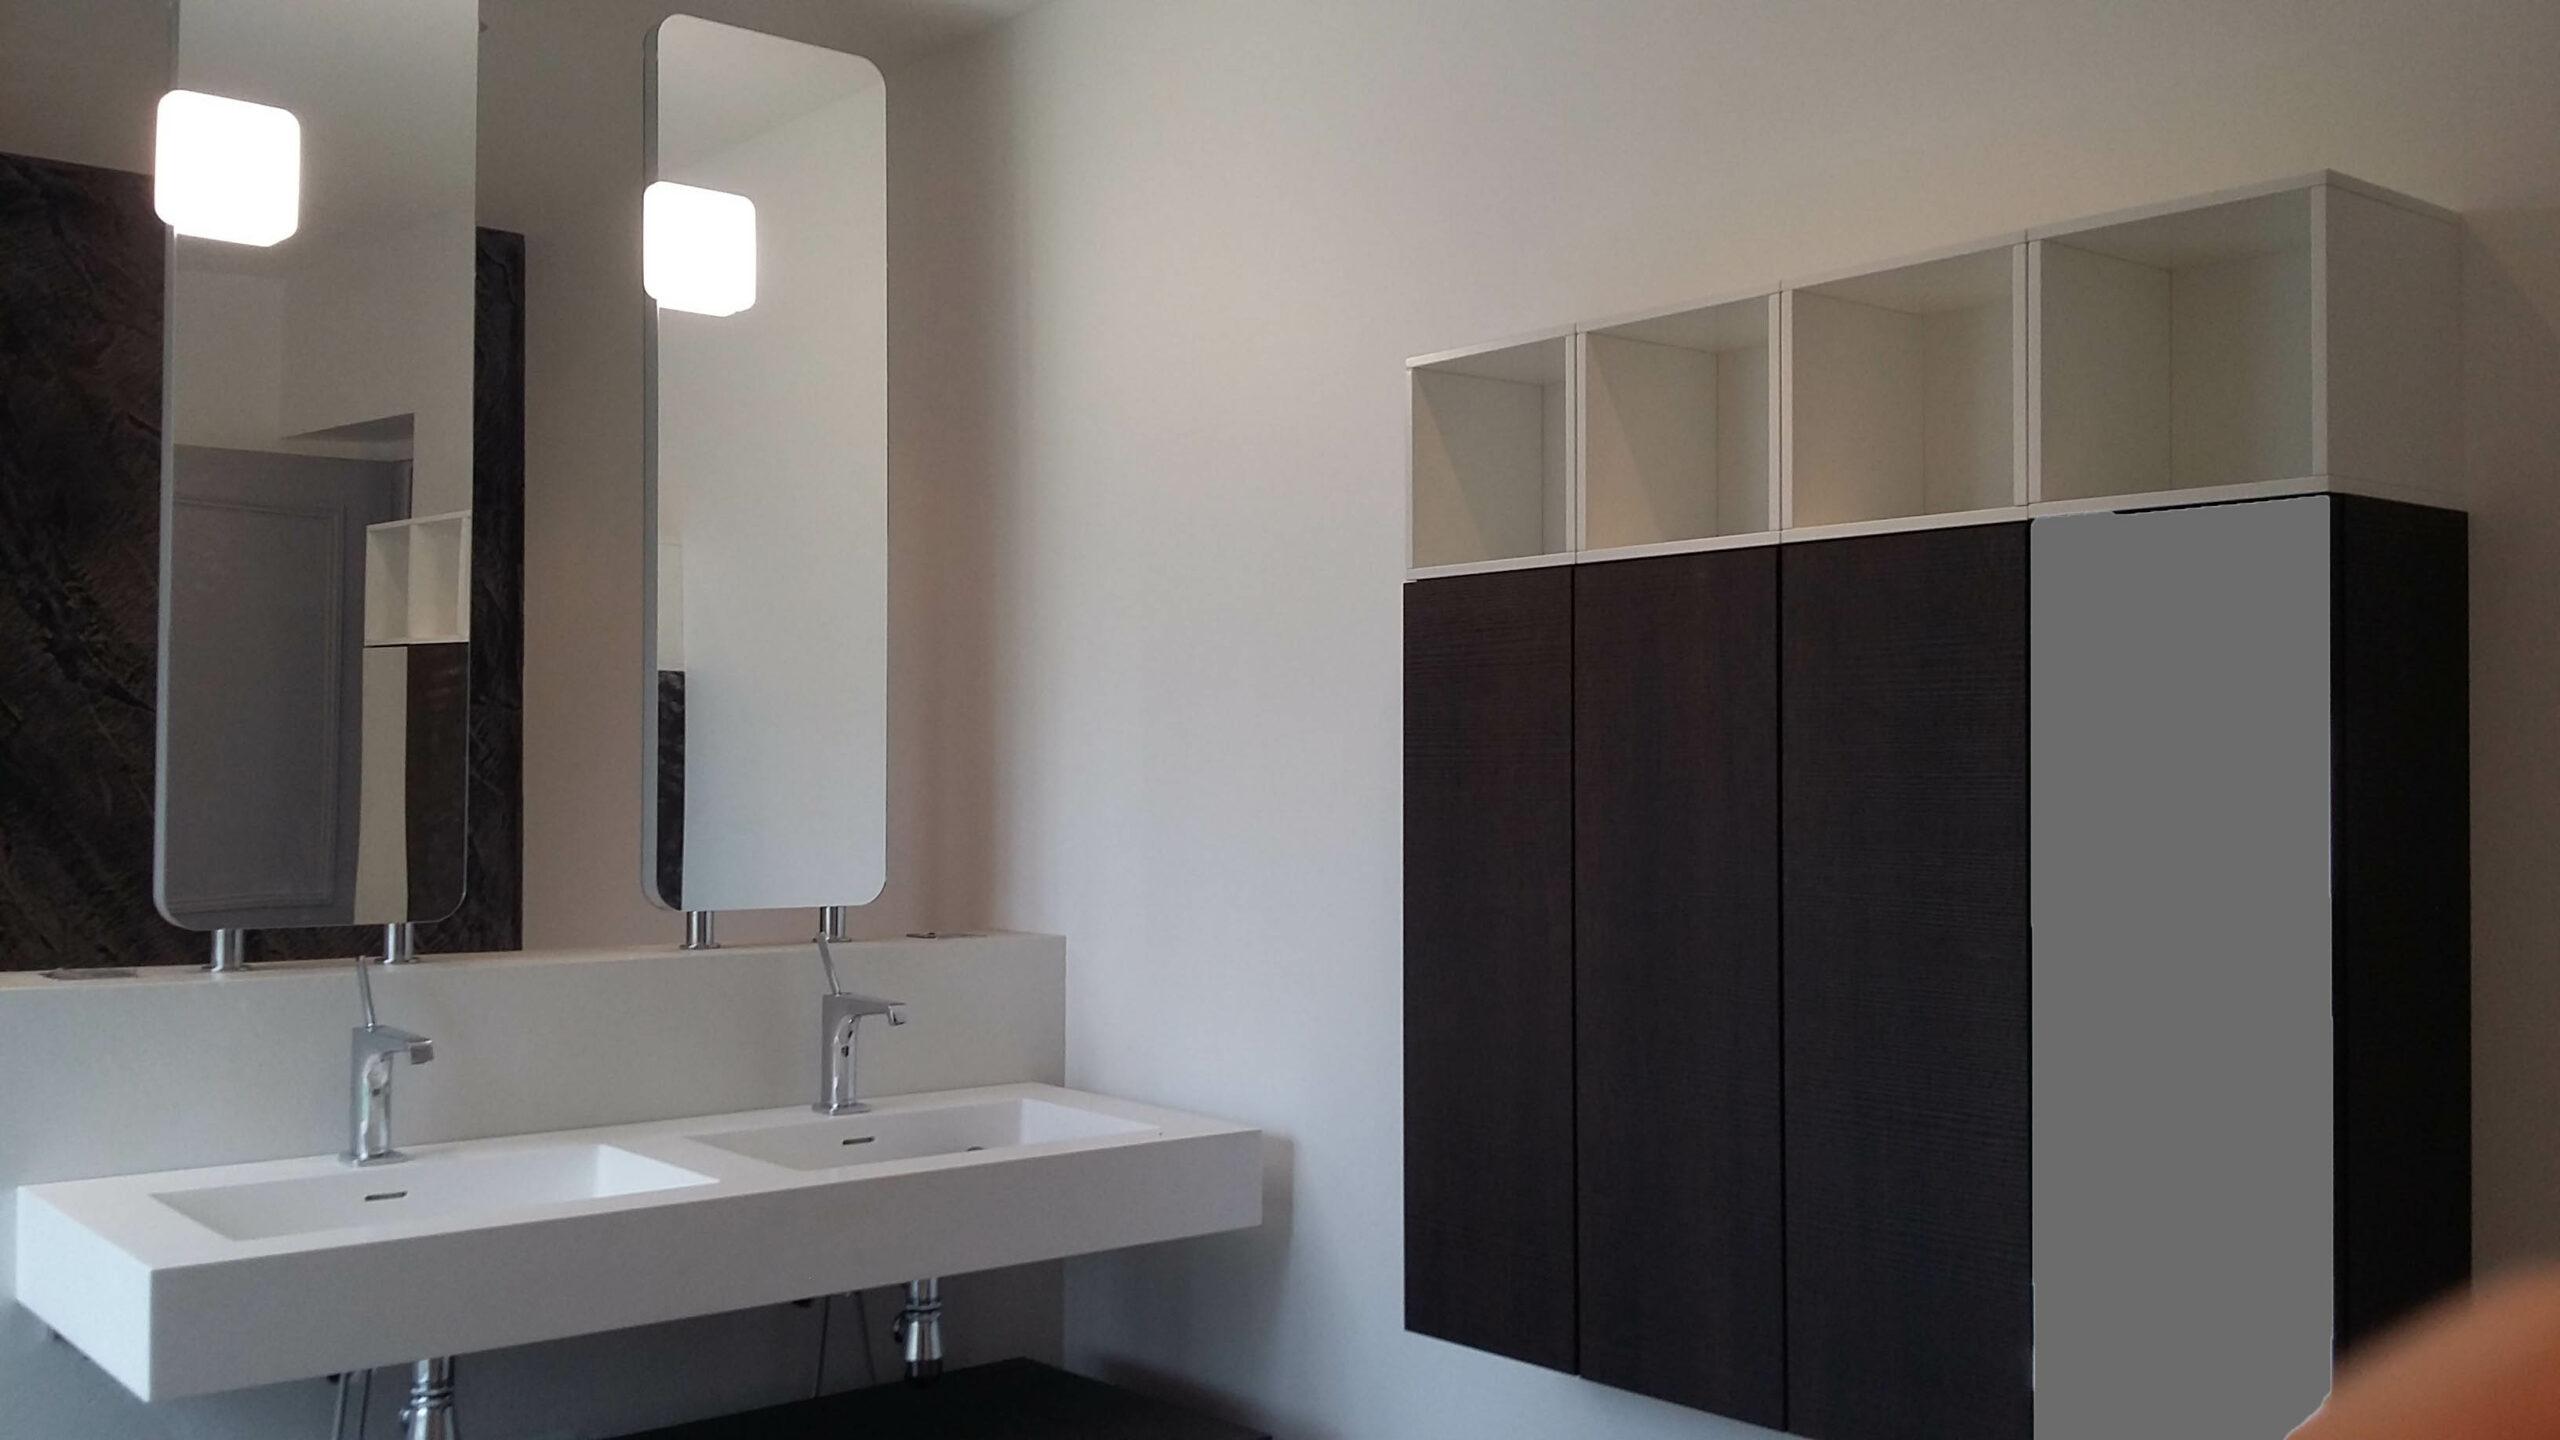 Double vasque et double miroir